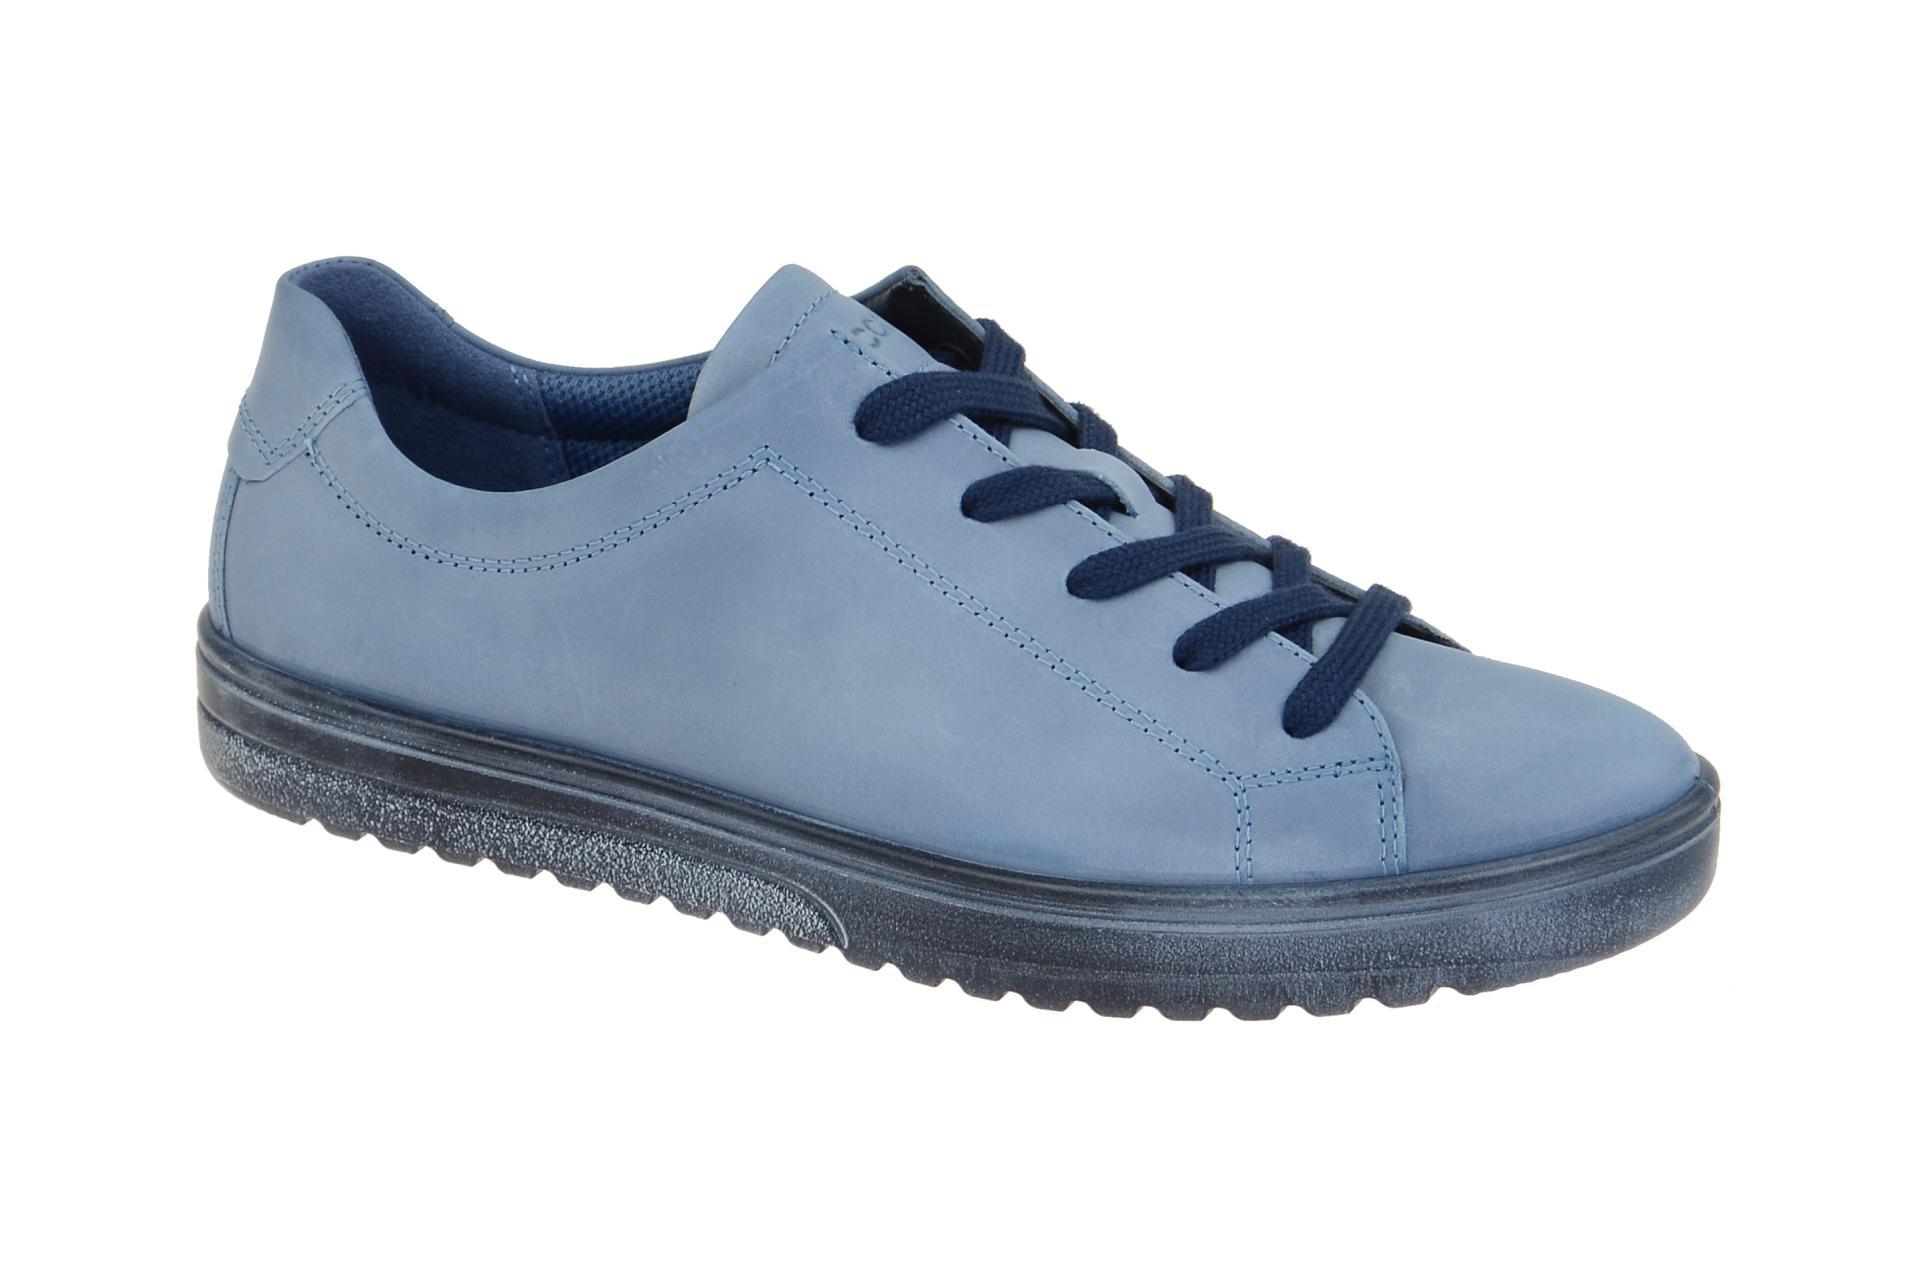 bfb6880c505a76 Ecco Fara Schuhe blau retro Sneaker - Schuhhaus Strauch Shop